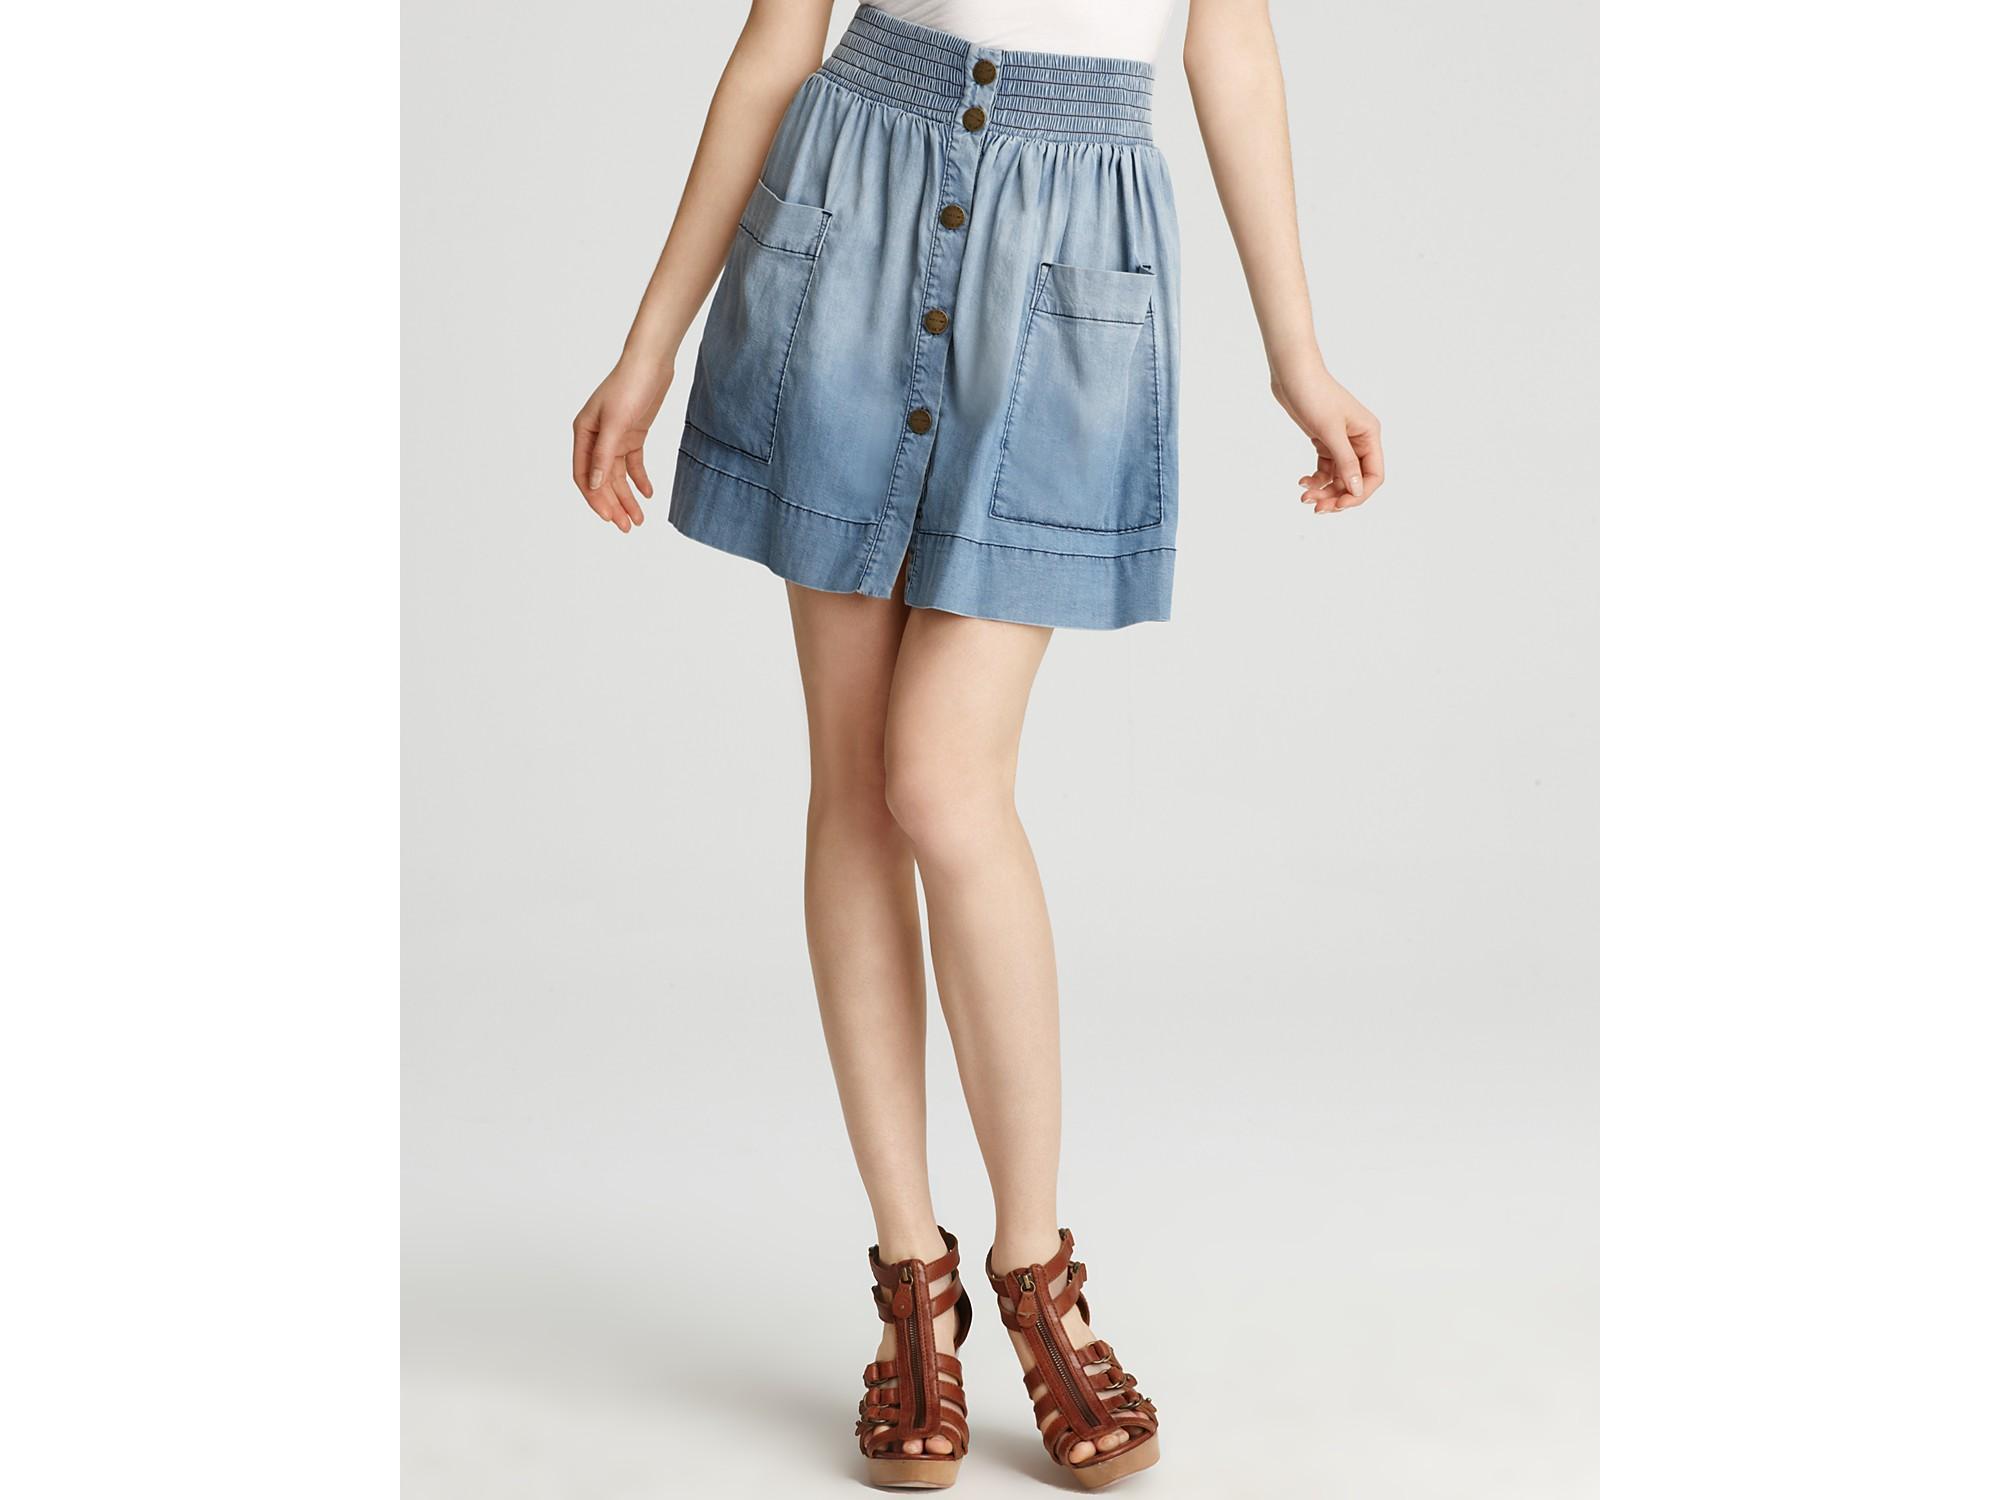 Ash Currentelliott Skirt The Ice Cream Denim Skirt in Tidepool ...